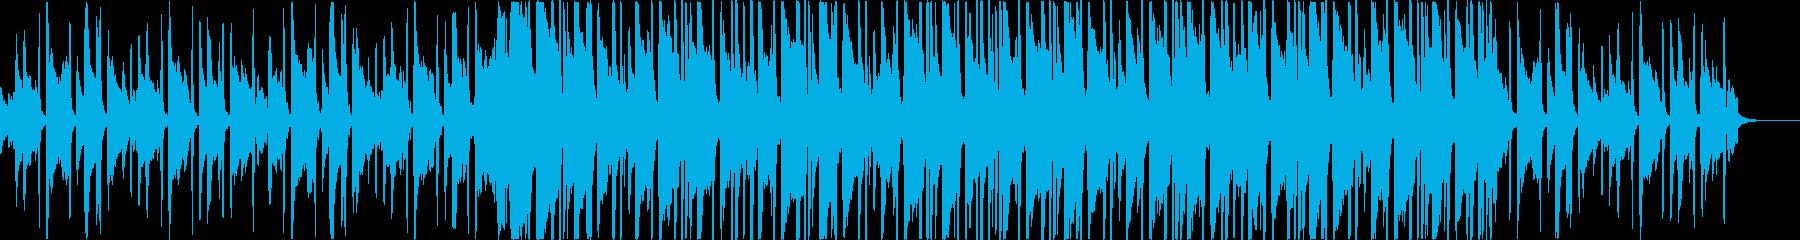 チルアウト洋楽CMアコギヒップホップbの再生済みの波形